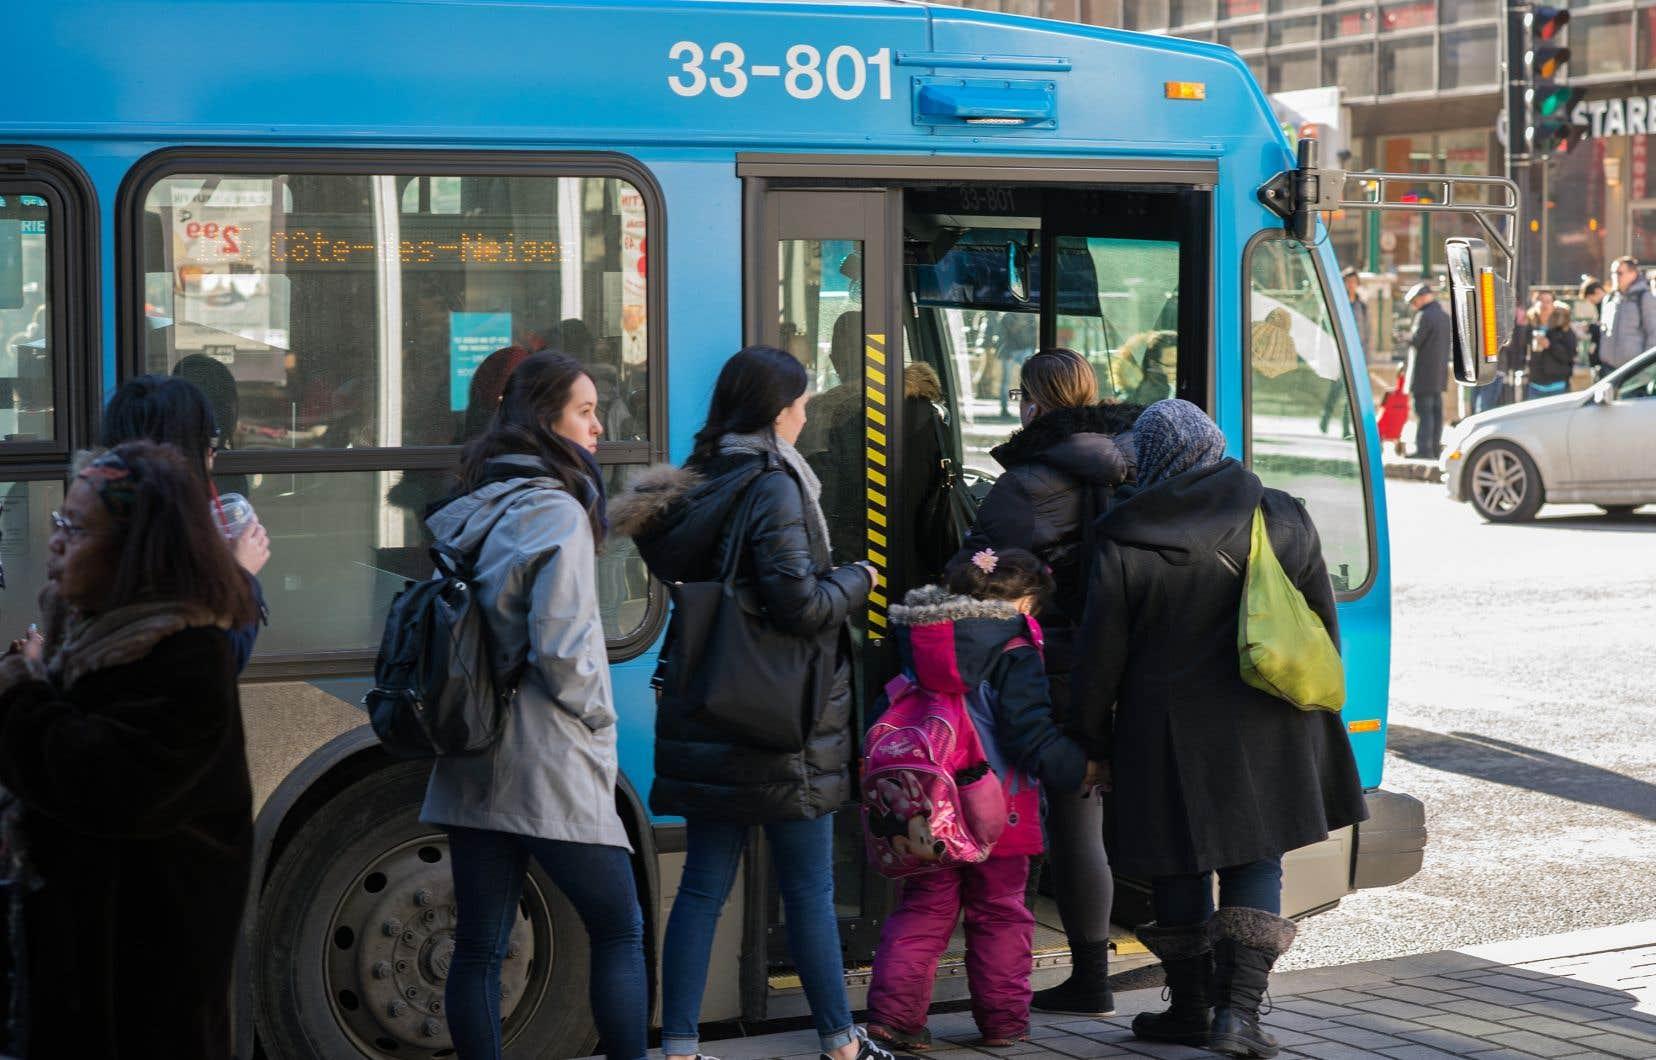 L'obligation de recevoir ou de donner un service public à visage découvert à moins d'obtenir un accommodement de la part de l'État frôle la limite de la Constitution du Canada, affirme Philippe Couillard.